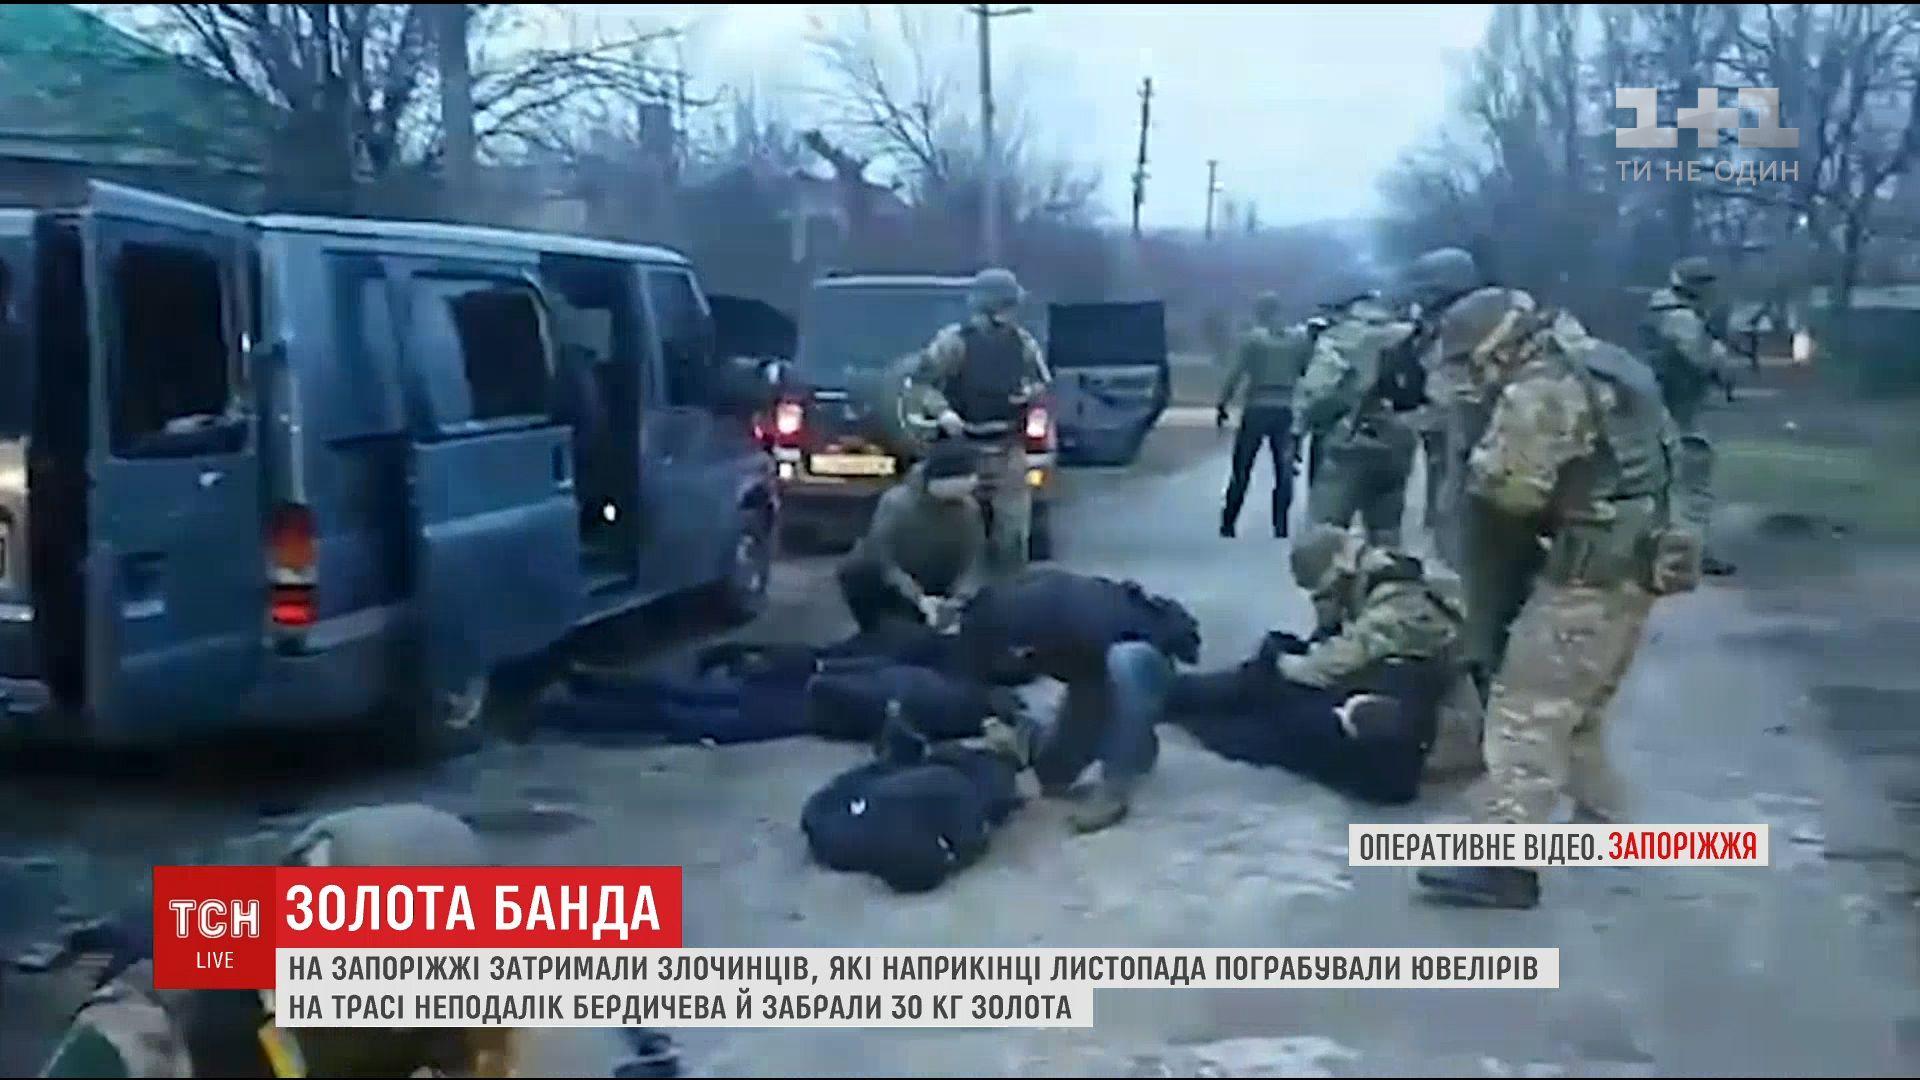 Суд арестовал членов банды изДонецка, которых задержали вЗапорожье